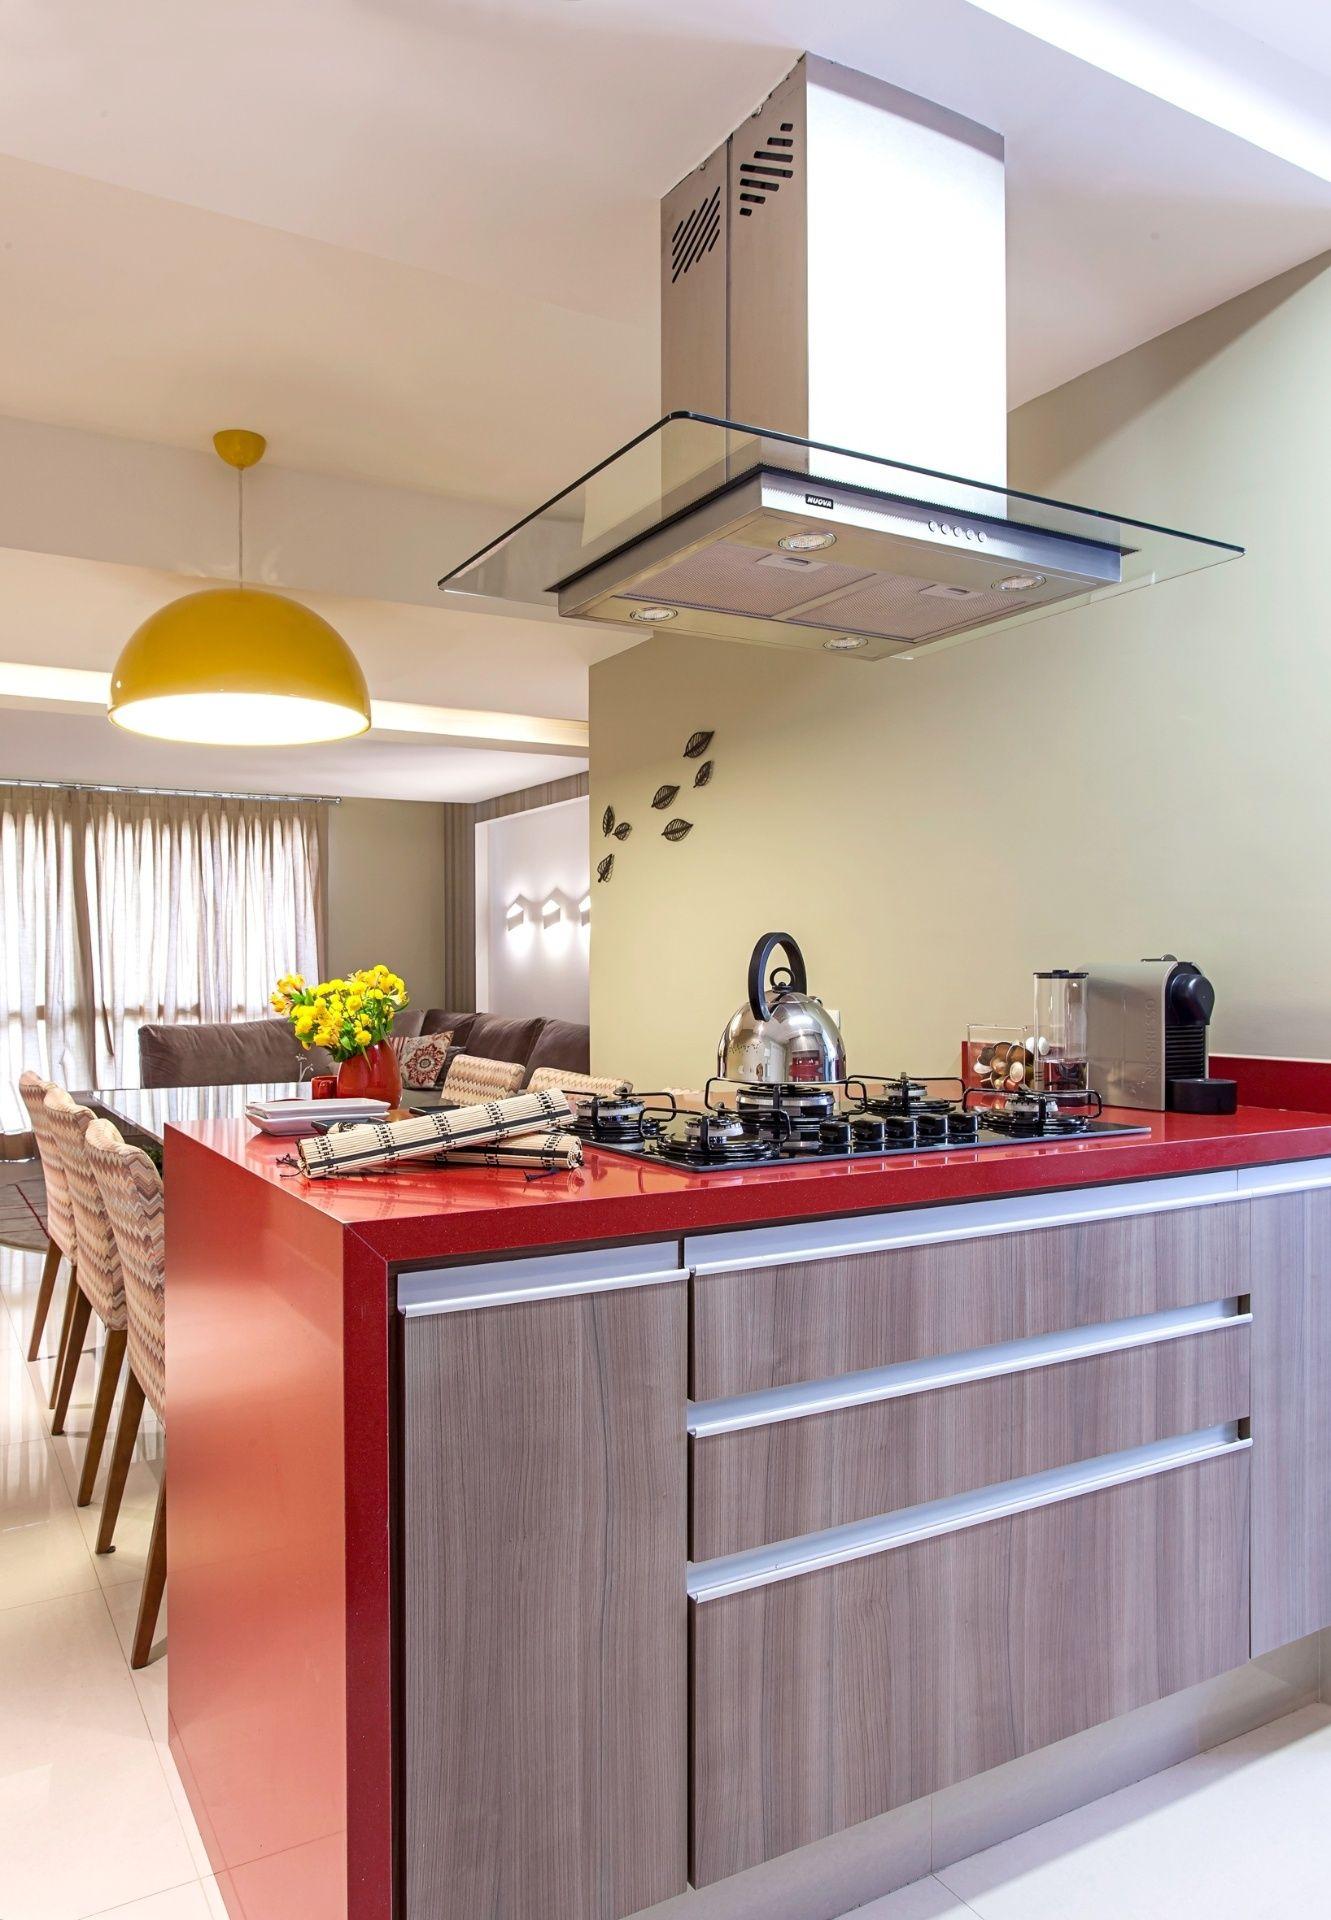 Quer Uma Cozinha Integrada N S Te Ajudamos A Decorar Veja Ideias